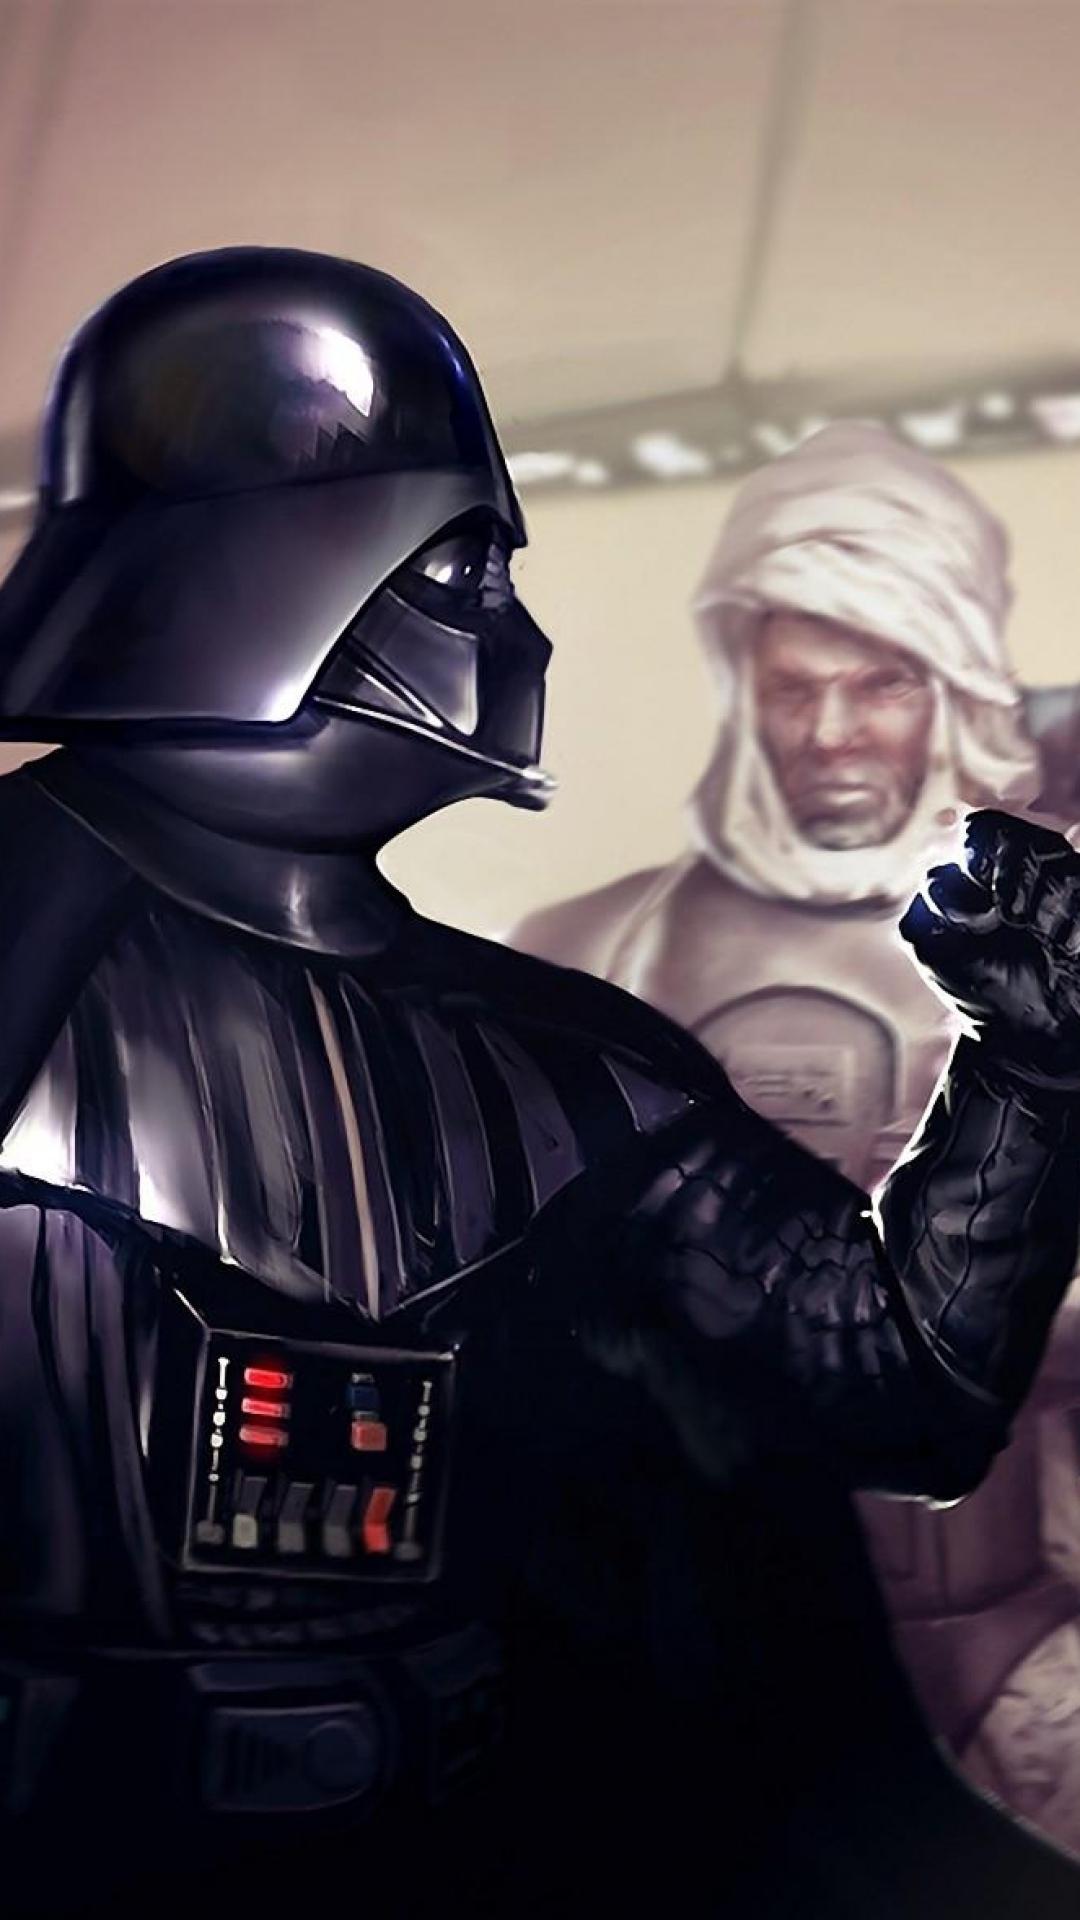 50 Star Wars Wallpaper 1080x1920 On Wallpapersafari